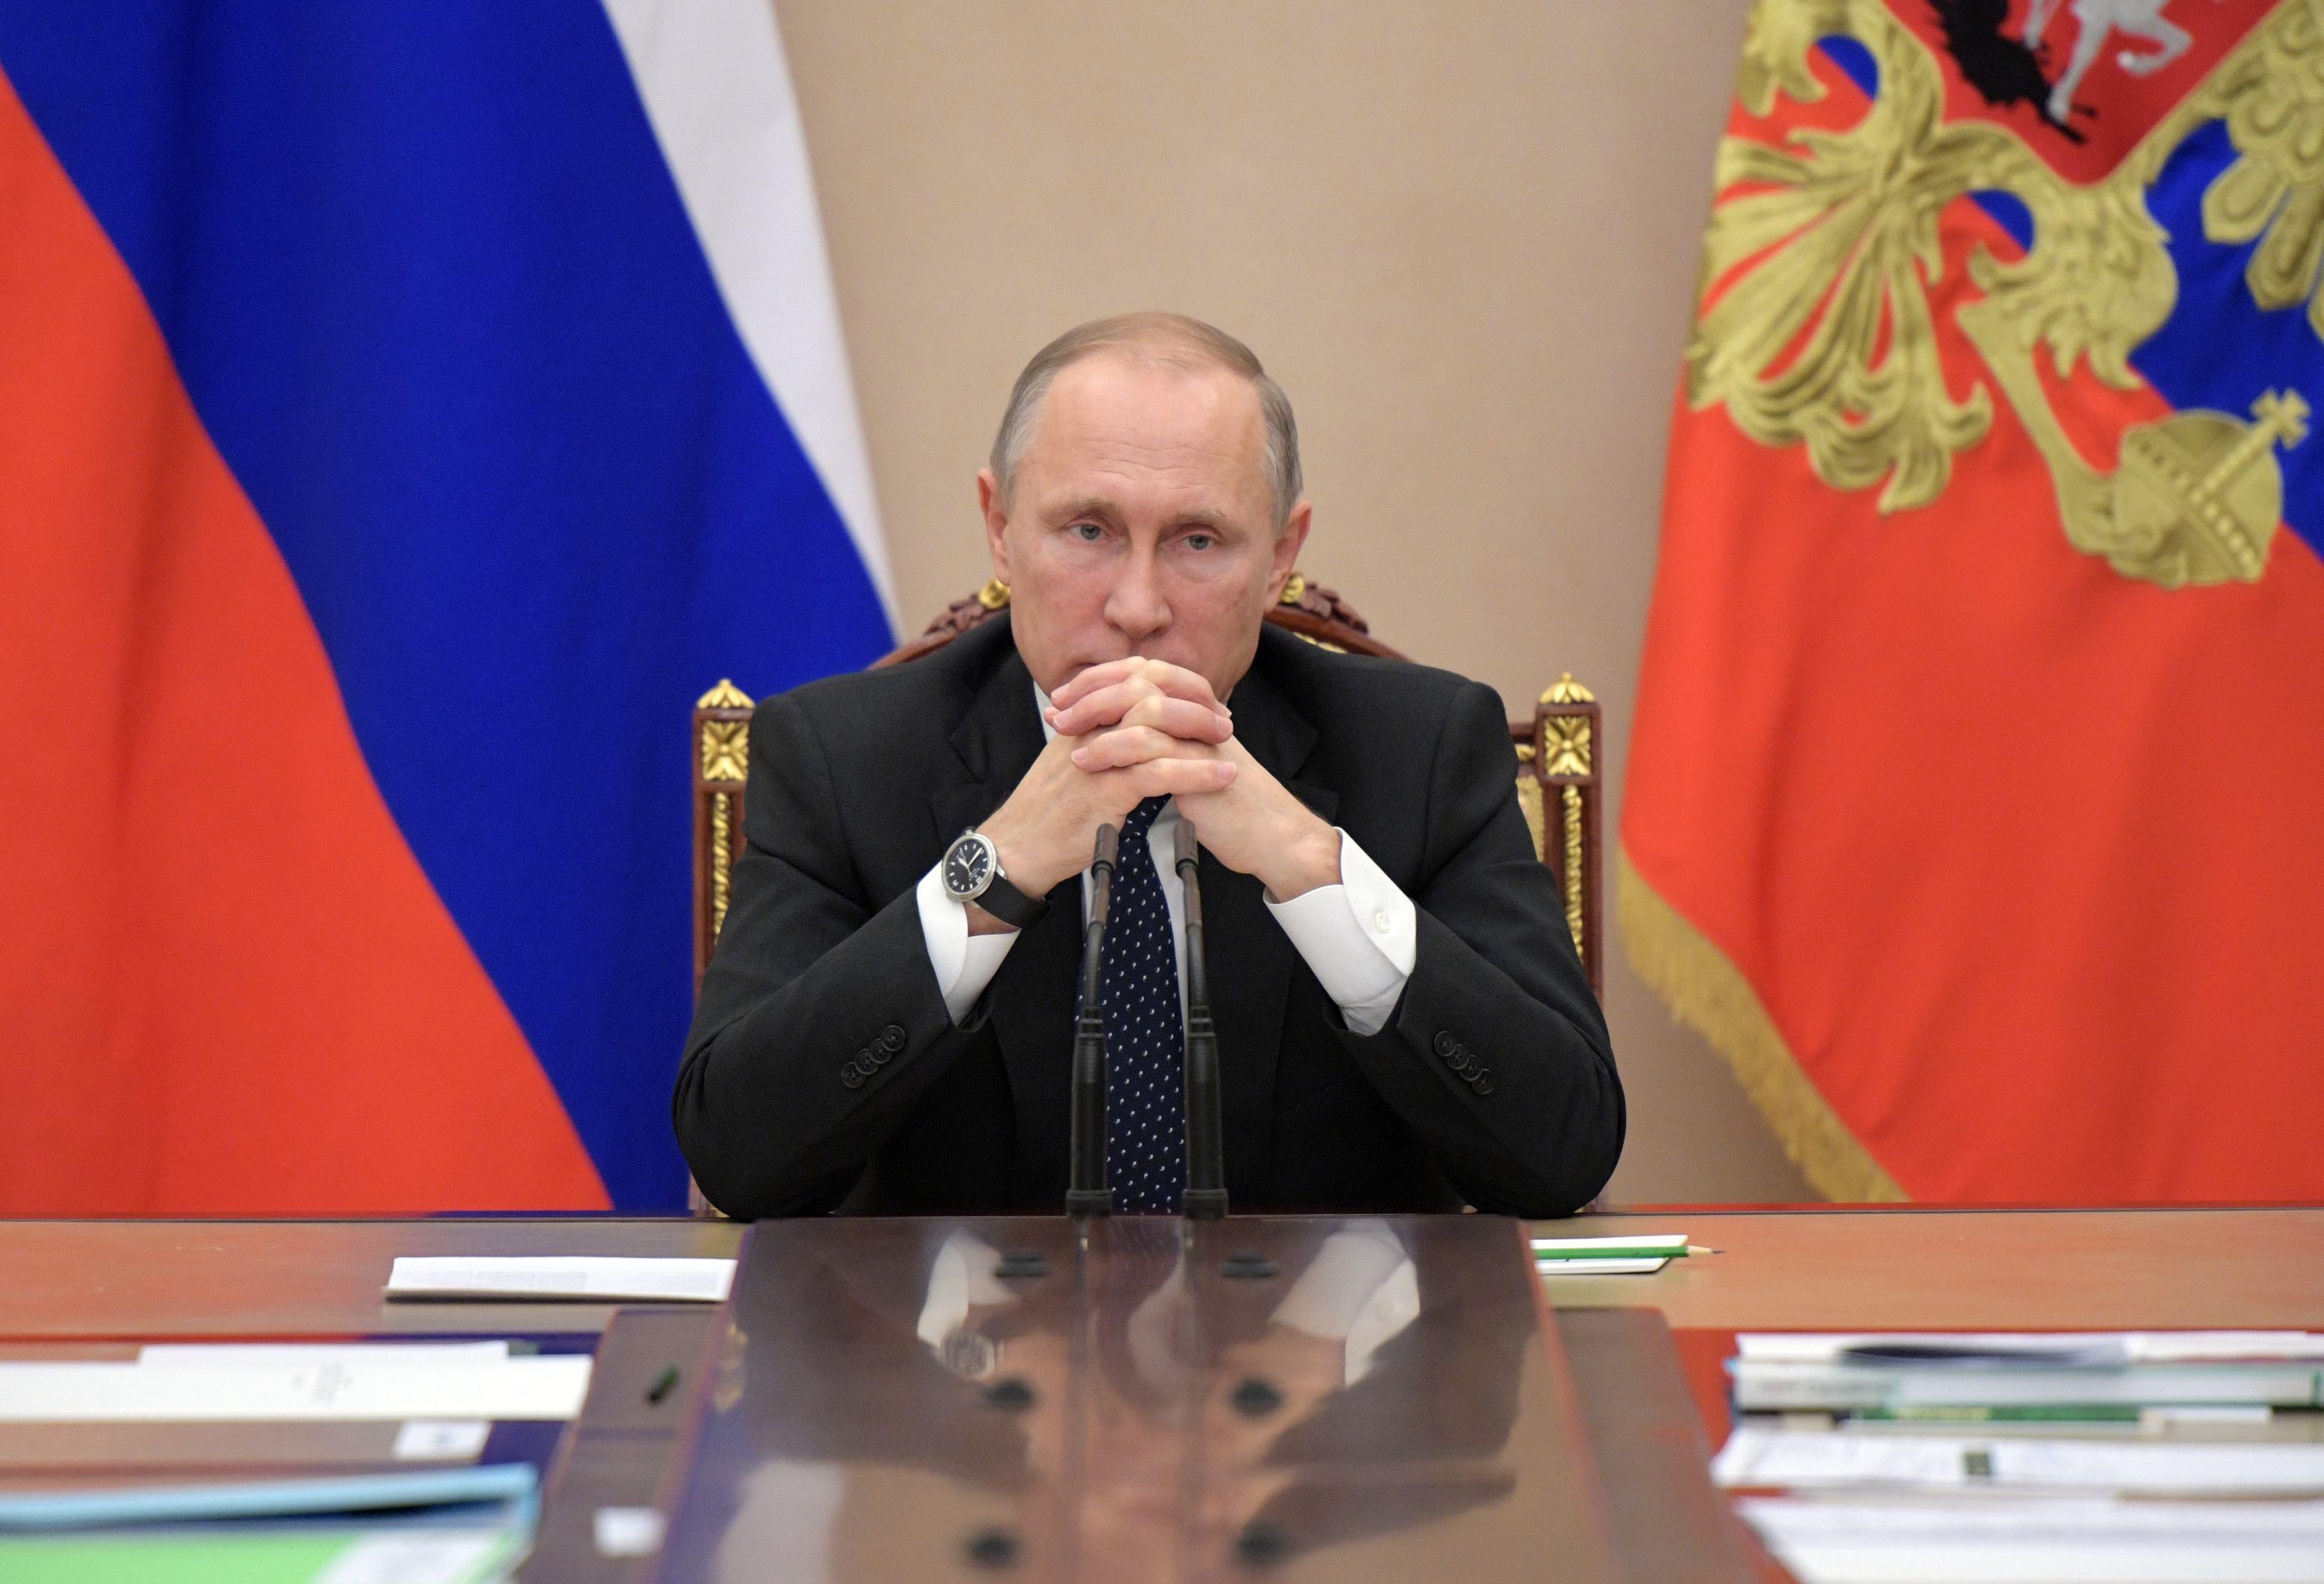 Rusia susţine suveranitatea Libanului şi avertizează că nu va tolera ingerinţe străine